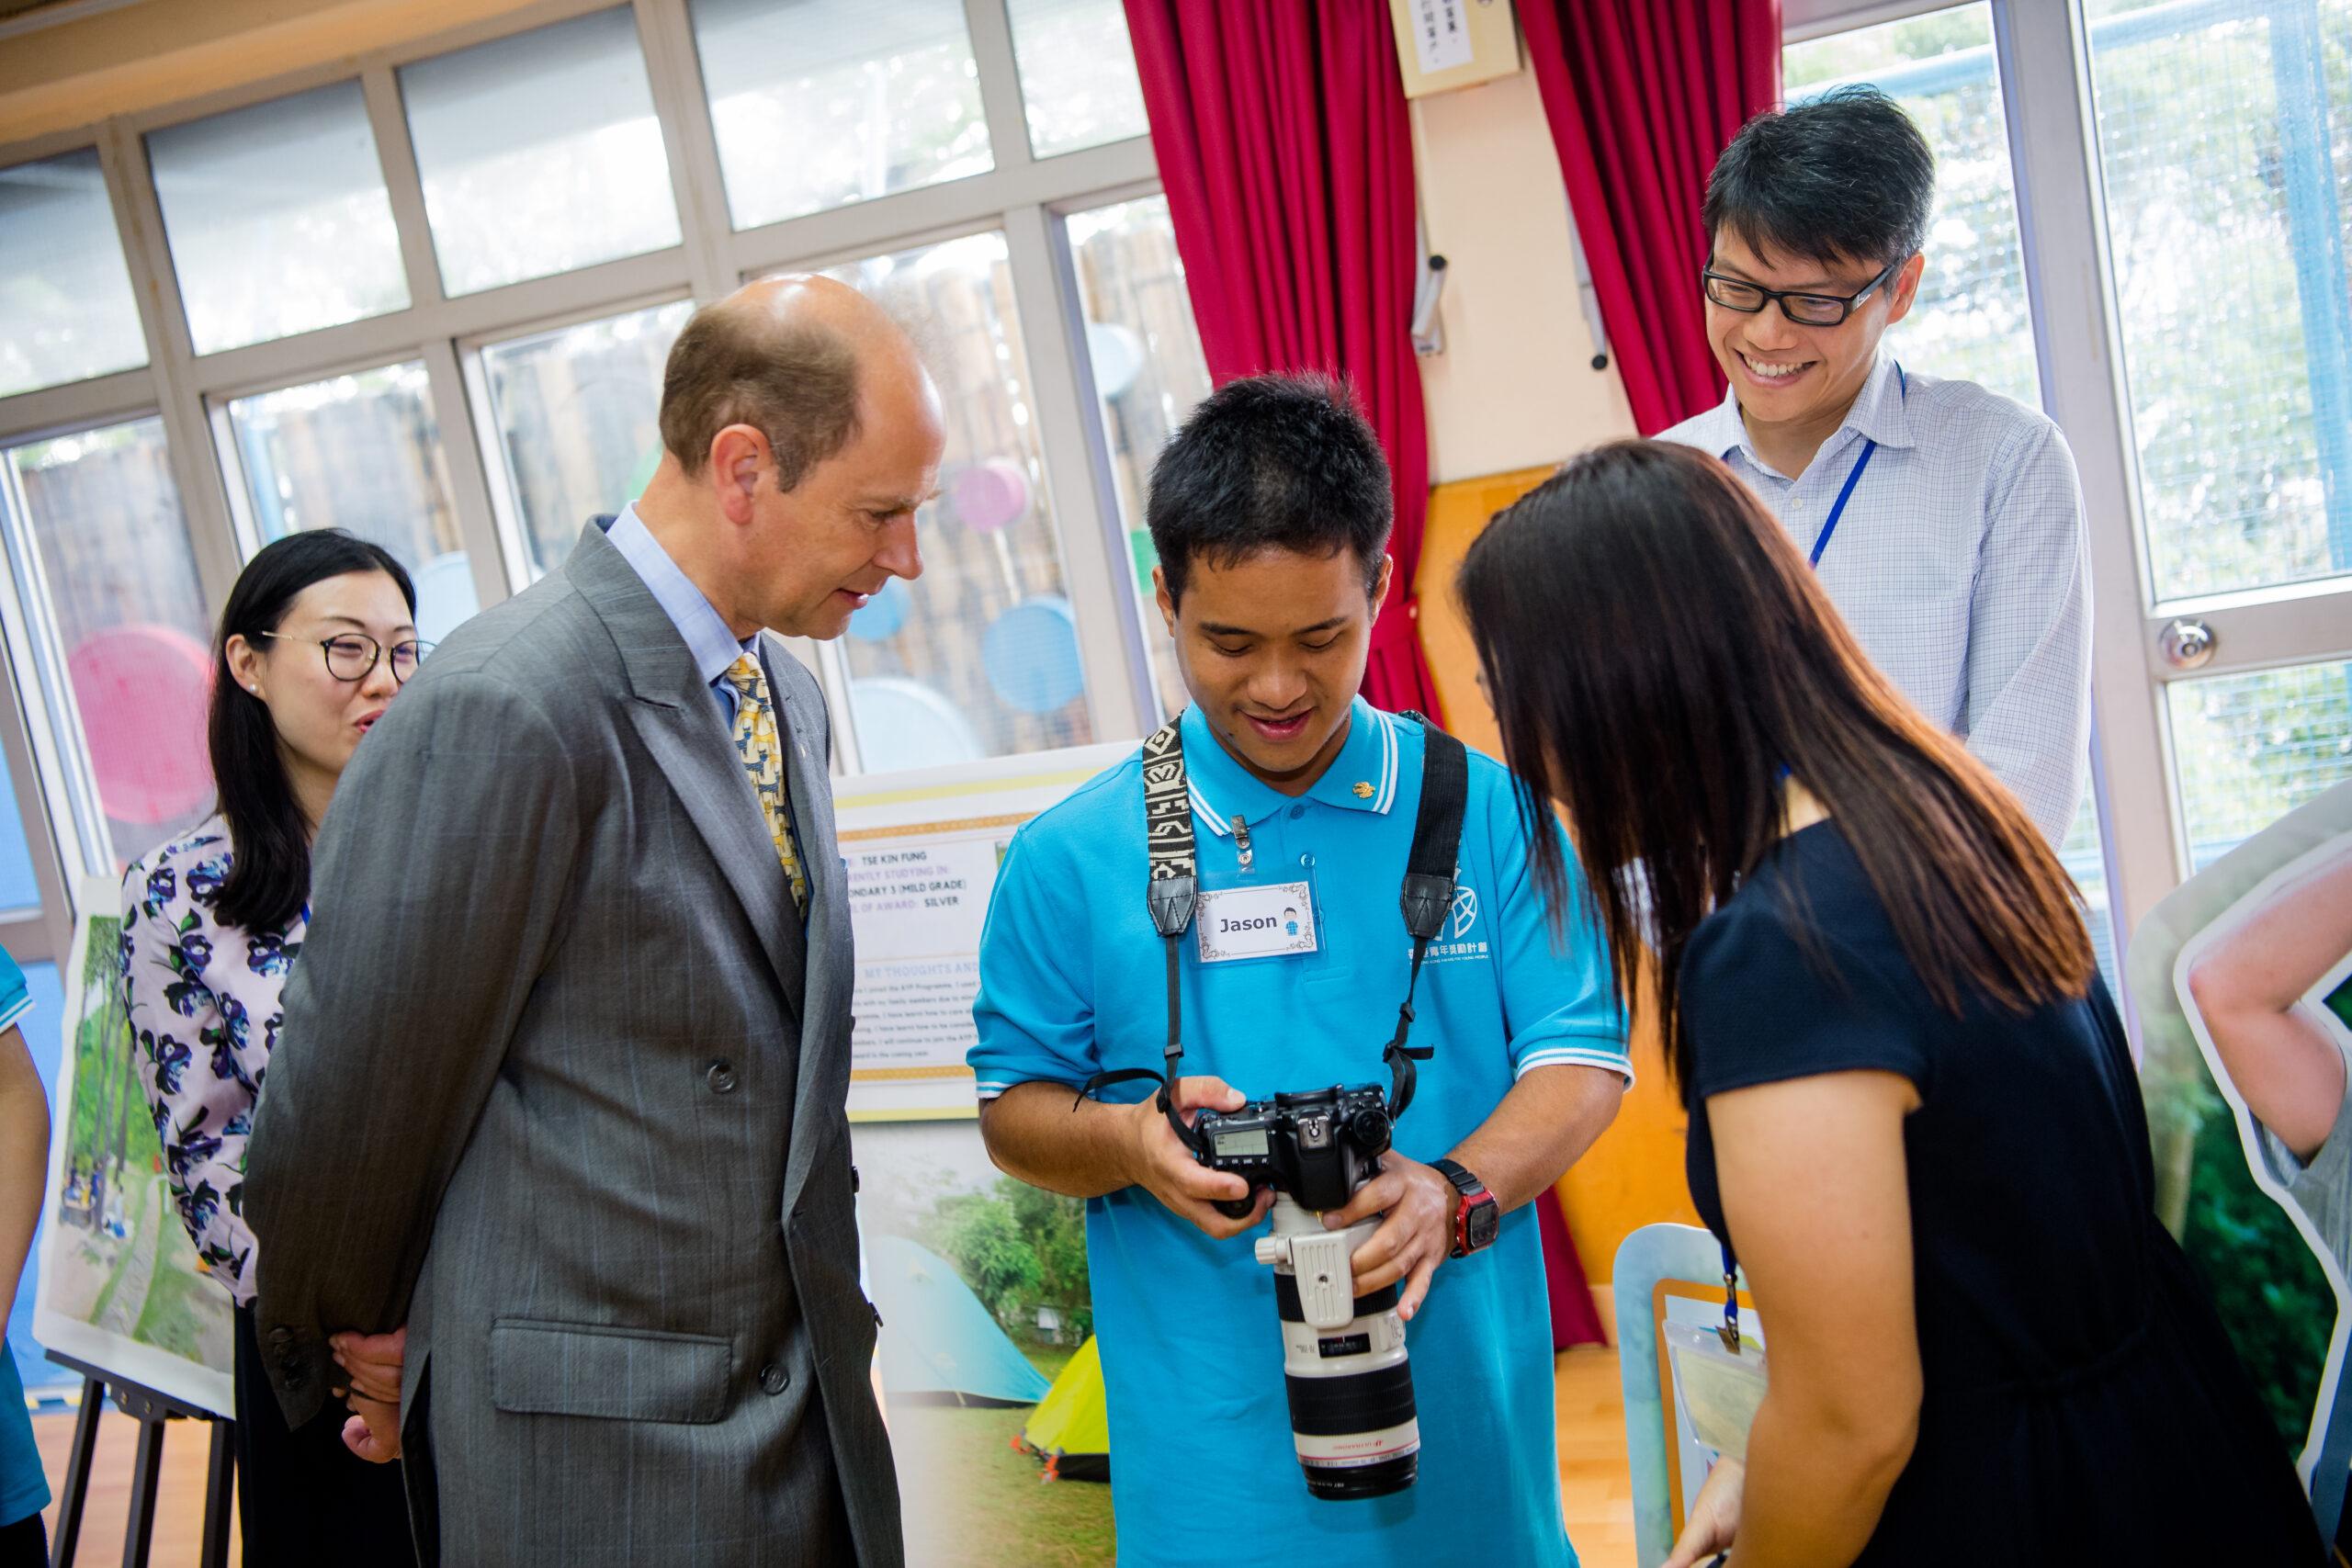 威塞克斯伯爵愛德華王子訪港 了解特殊需要青年學習環境 分享獎勵計劃得獎者蛻變成果